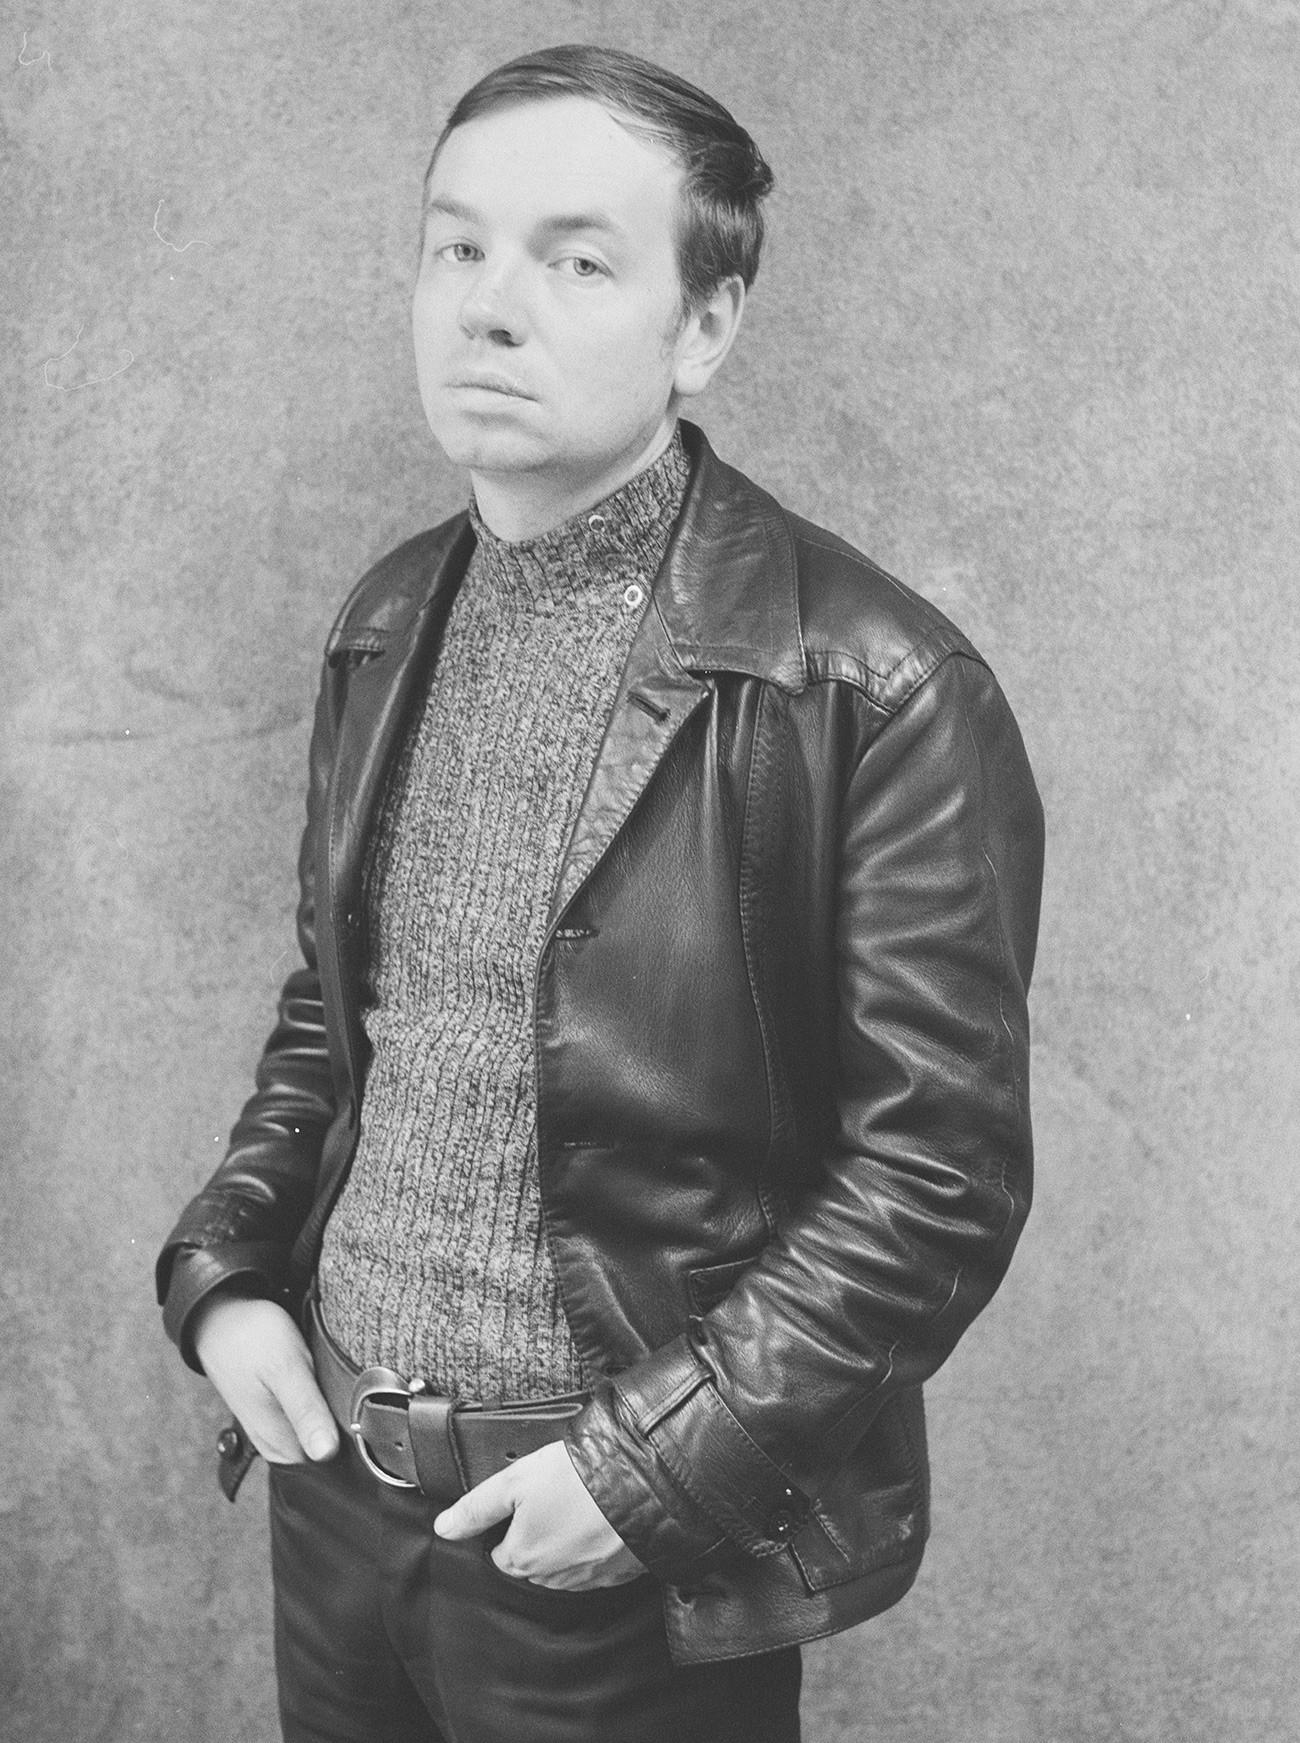 アンドレイ・ヴォズネセンスキー、70年代のはじめ